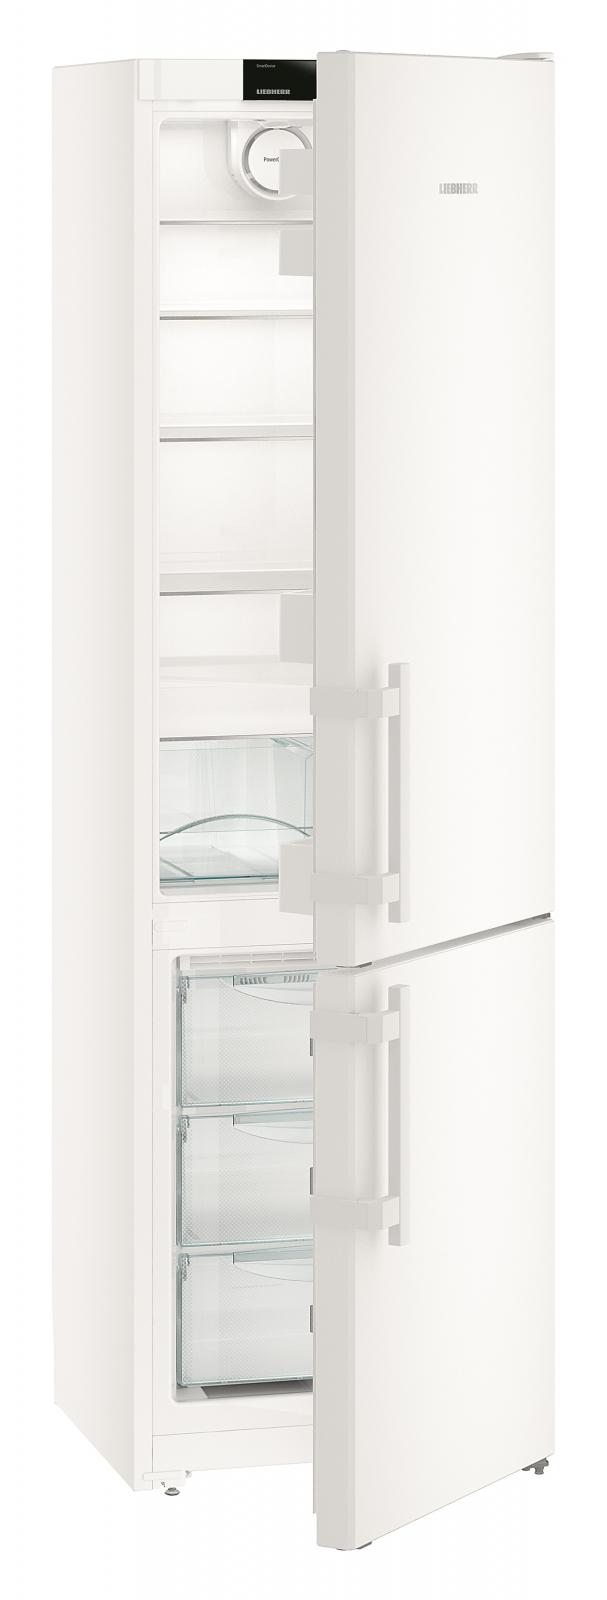 купить Двухкамерный холодильник Liebherr CN 4005 Украина фото 6